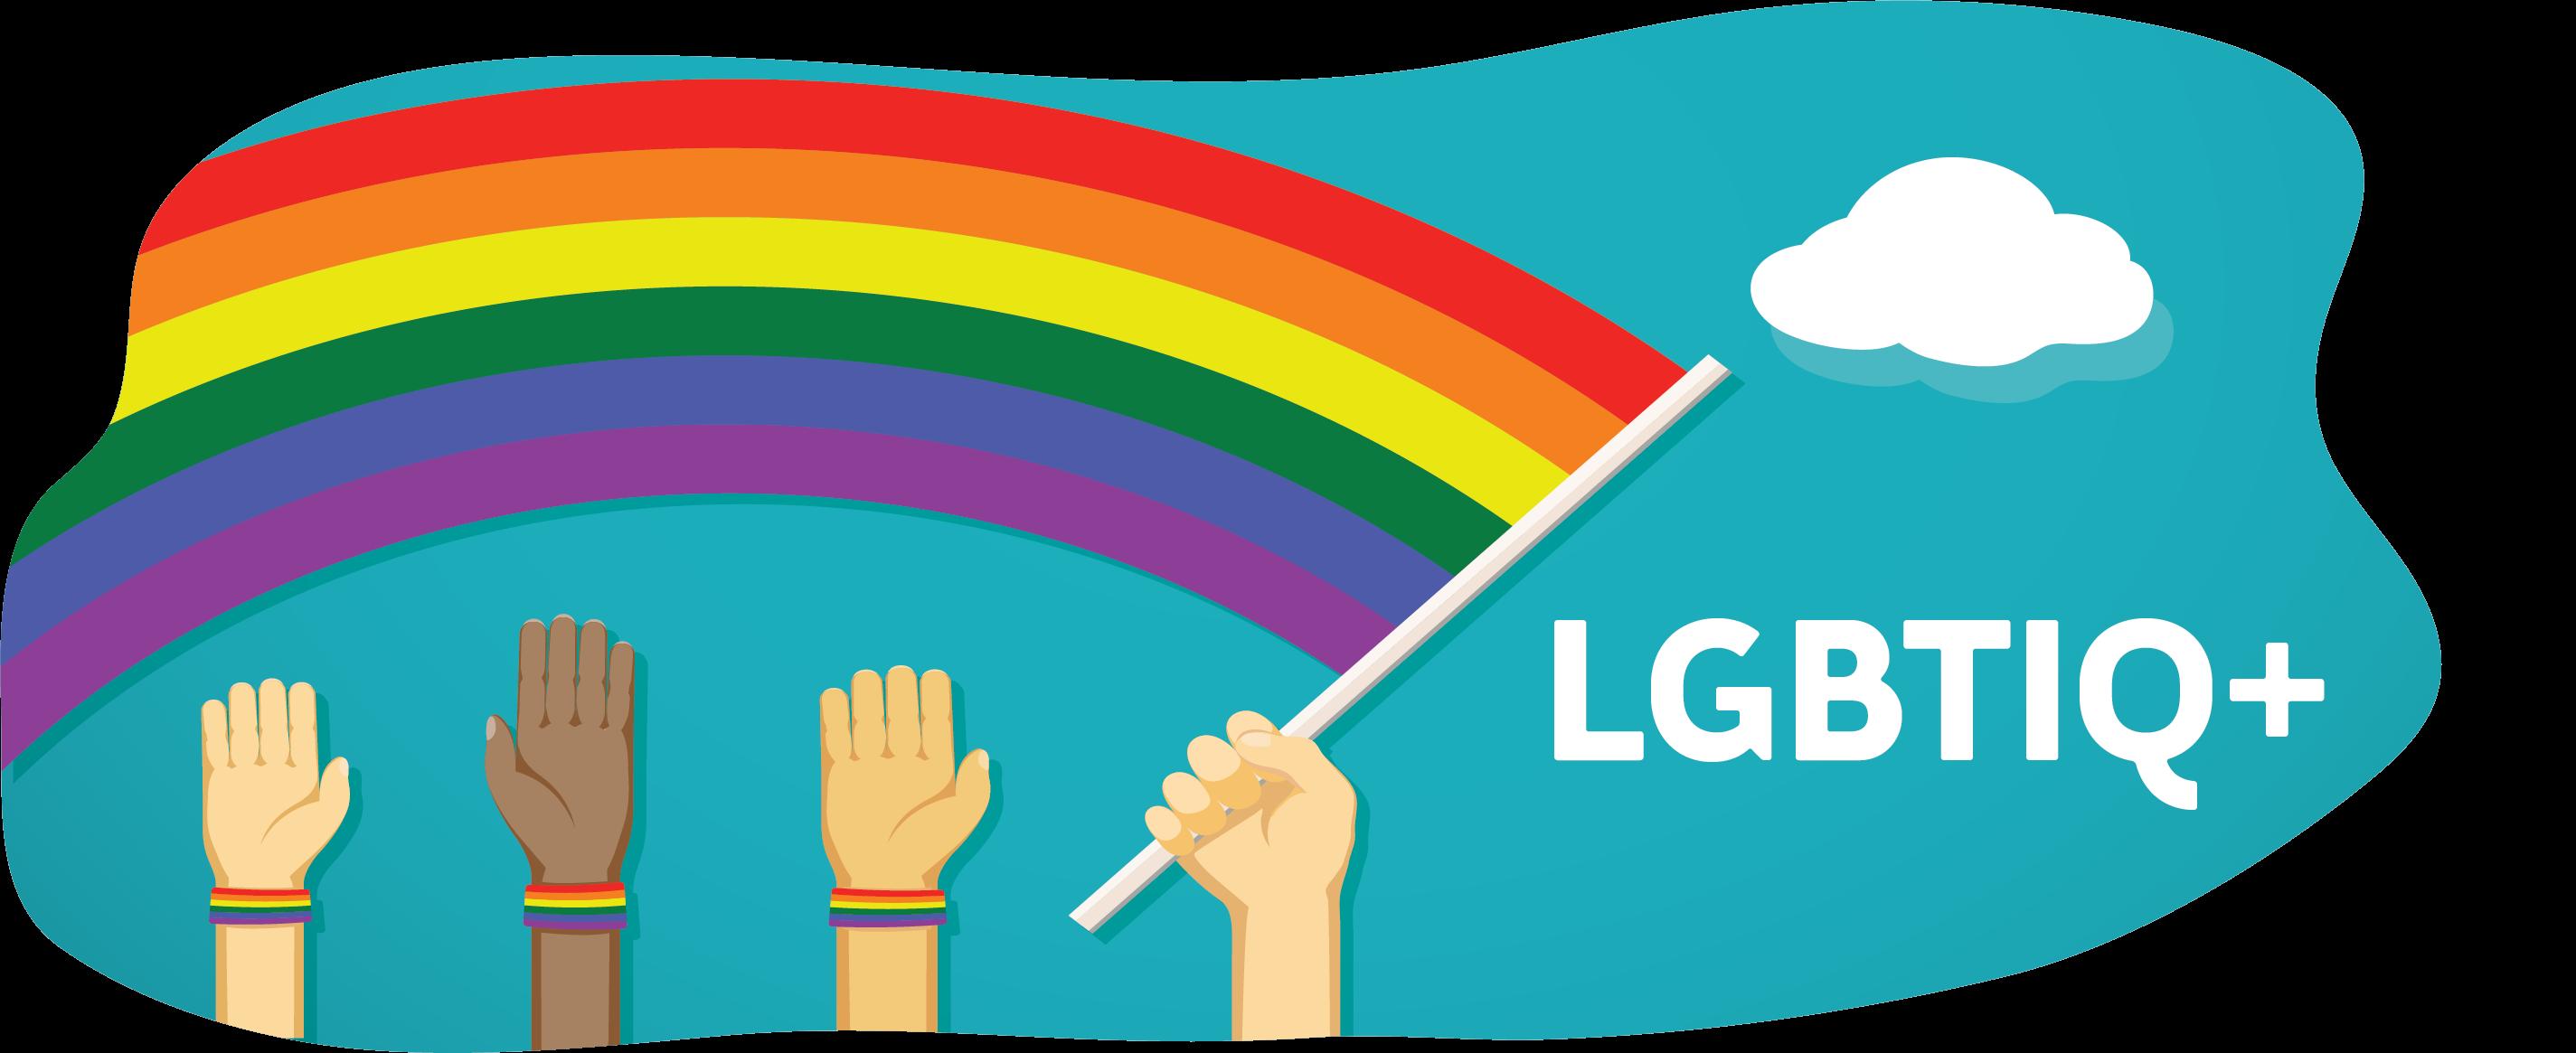 LGBTIQ+ Rainbow flag with hands